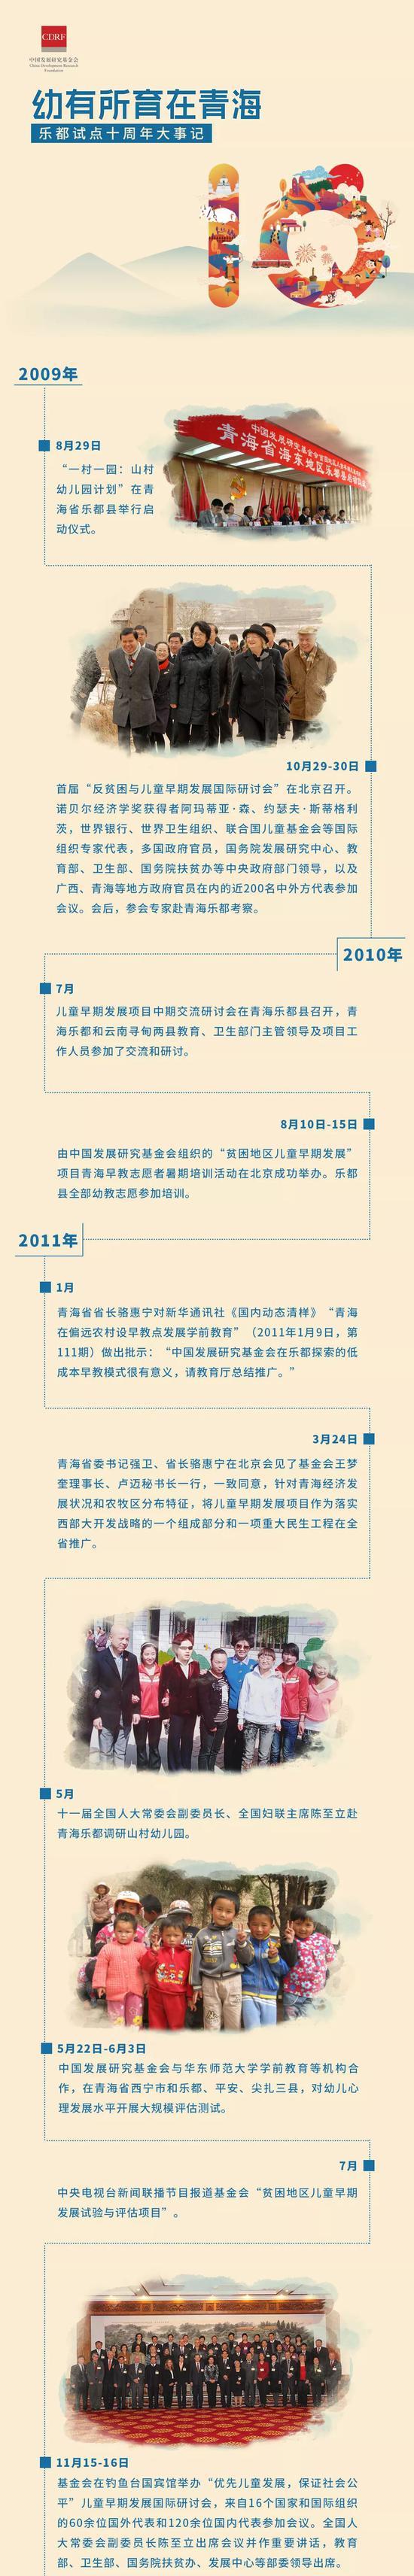 江苏南通大学第二食堂失火无师生受伤